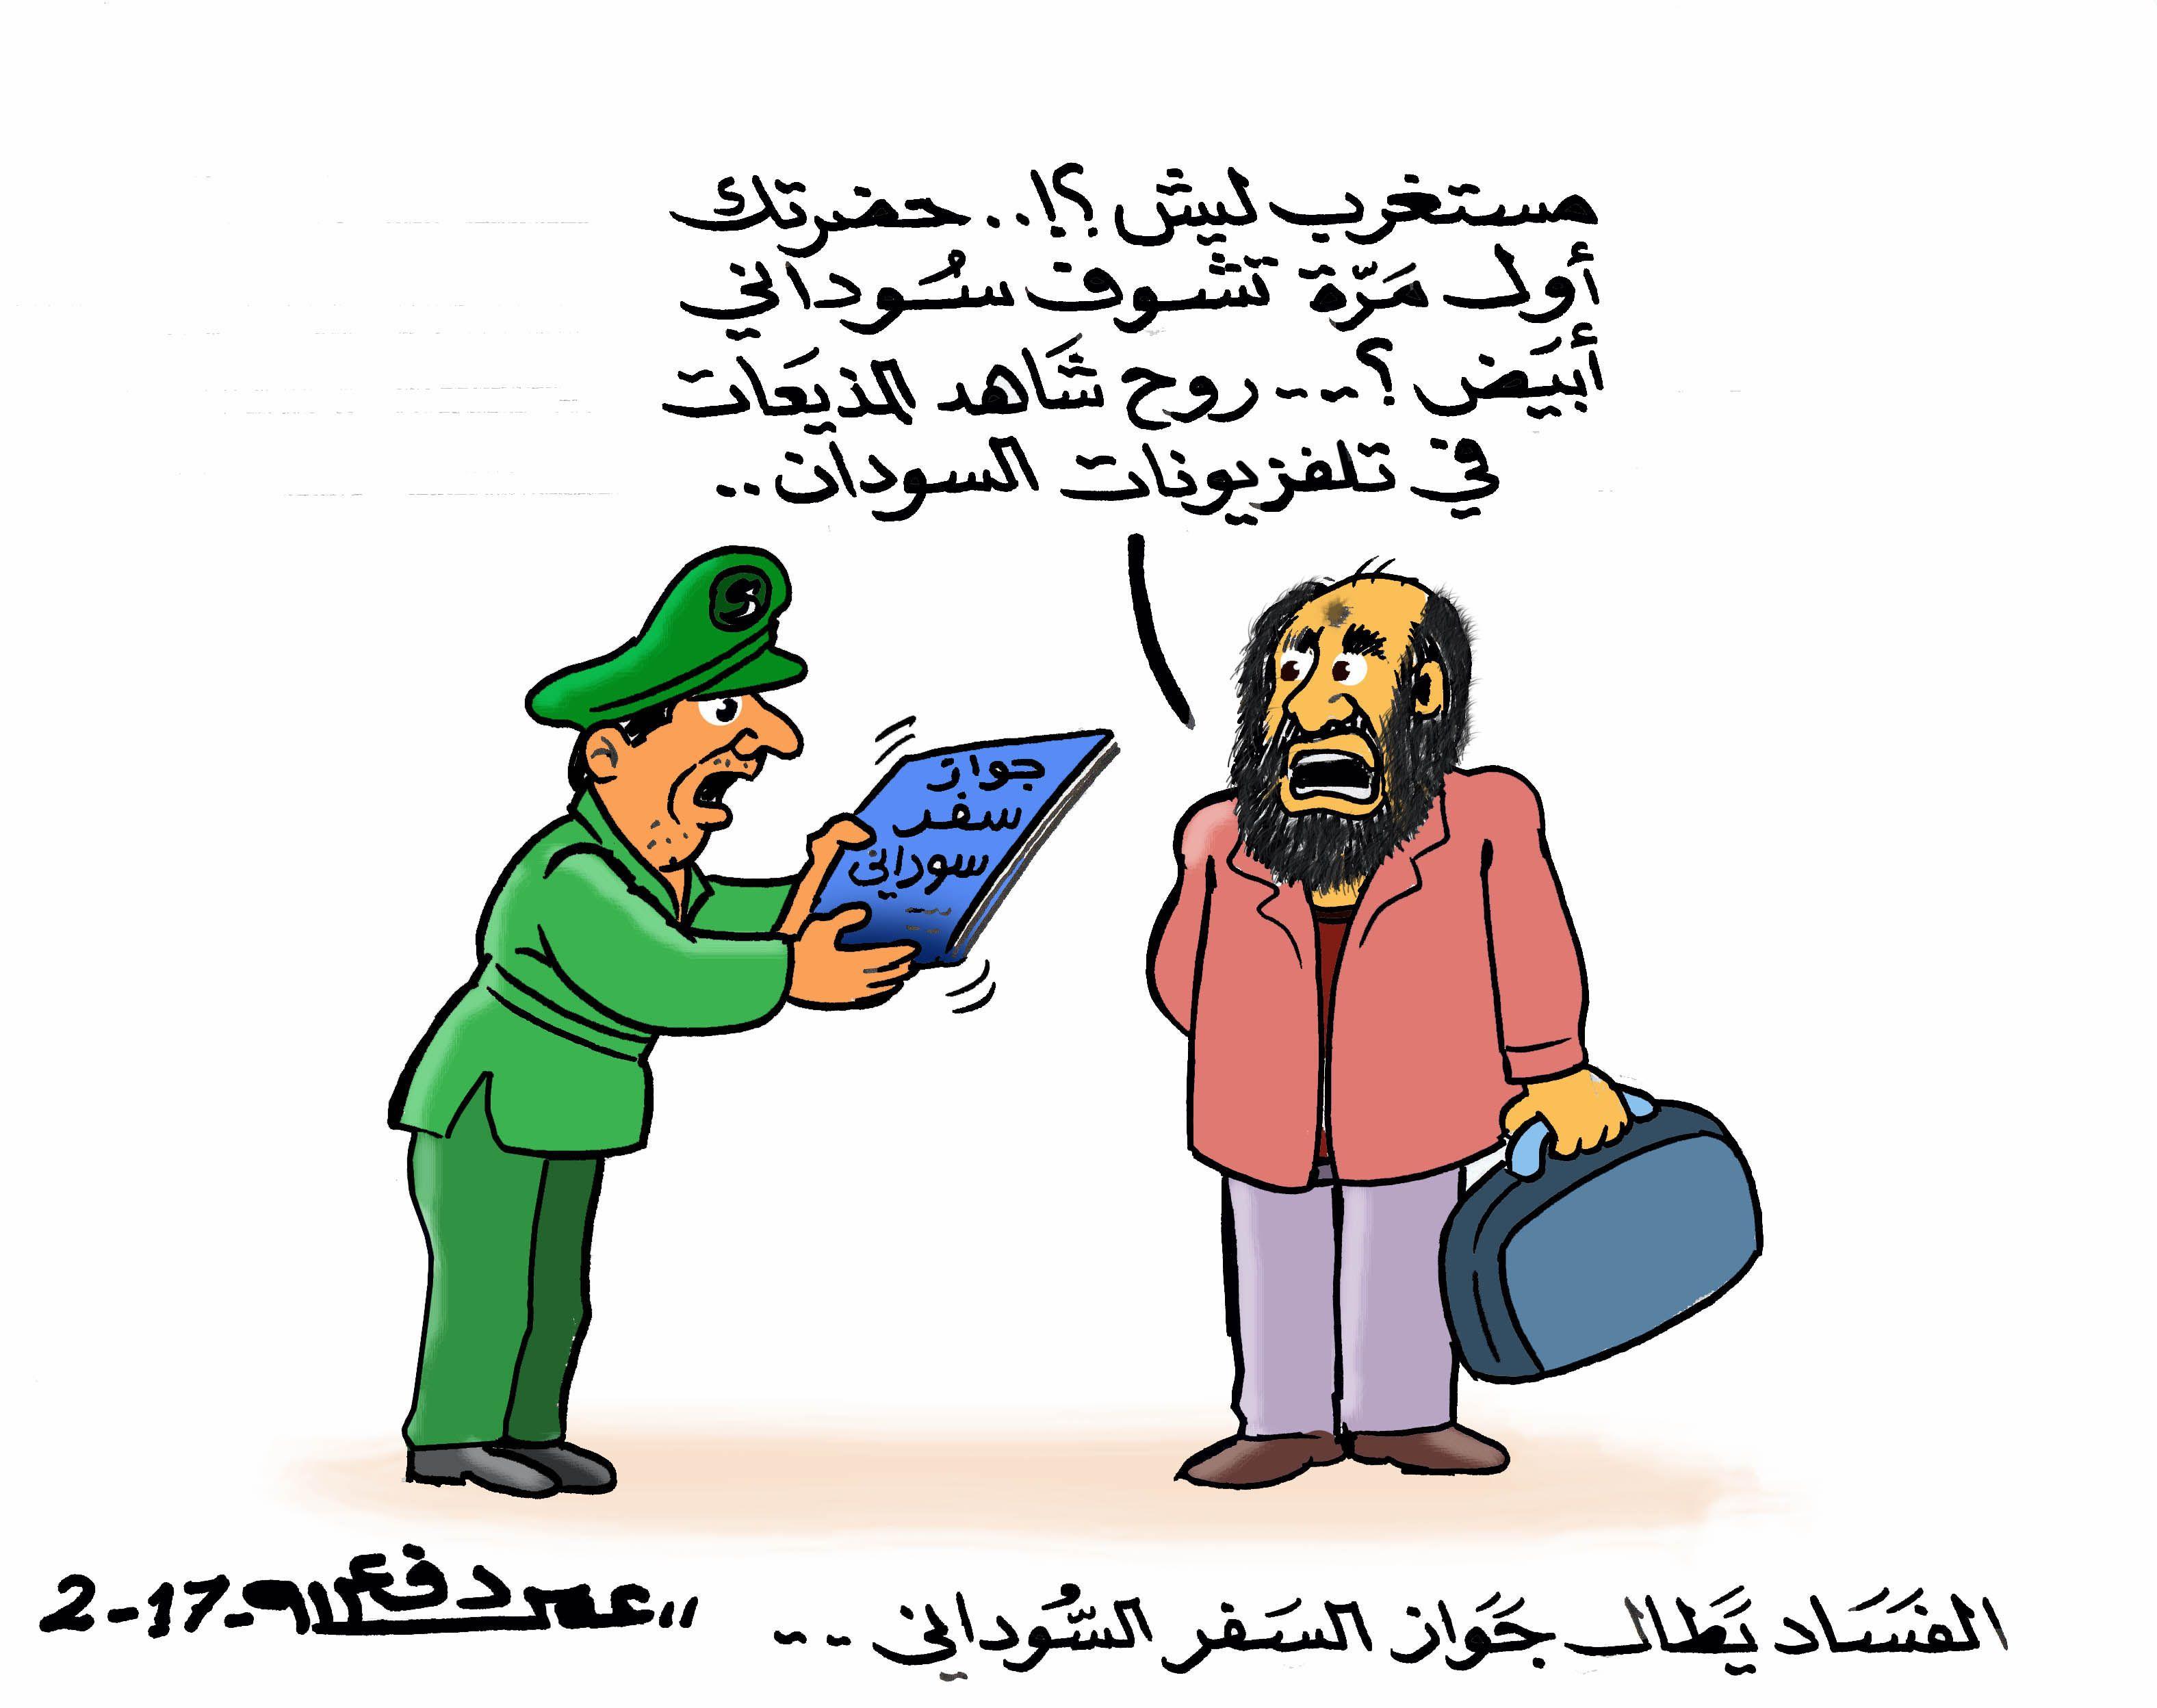 كاركاتير اليوم الموافق 03 فبراير 2017 للفنان عمر دفع الله عن الجواز السودانى